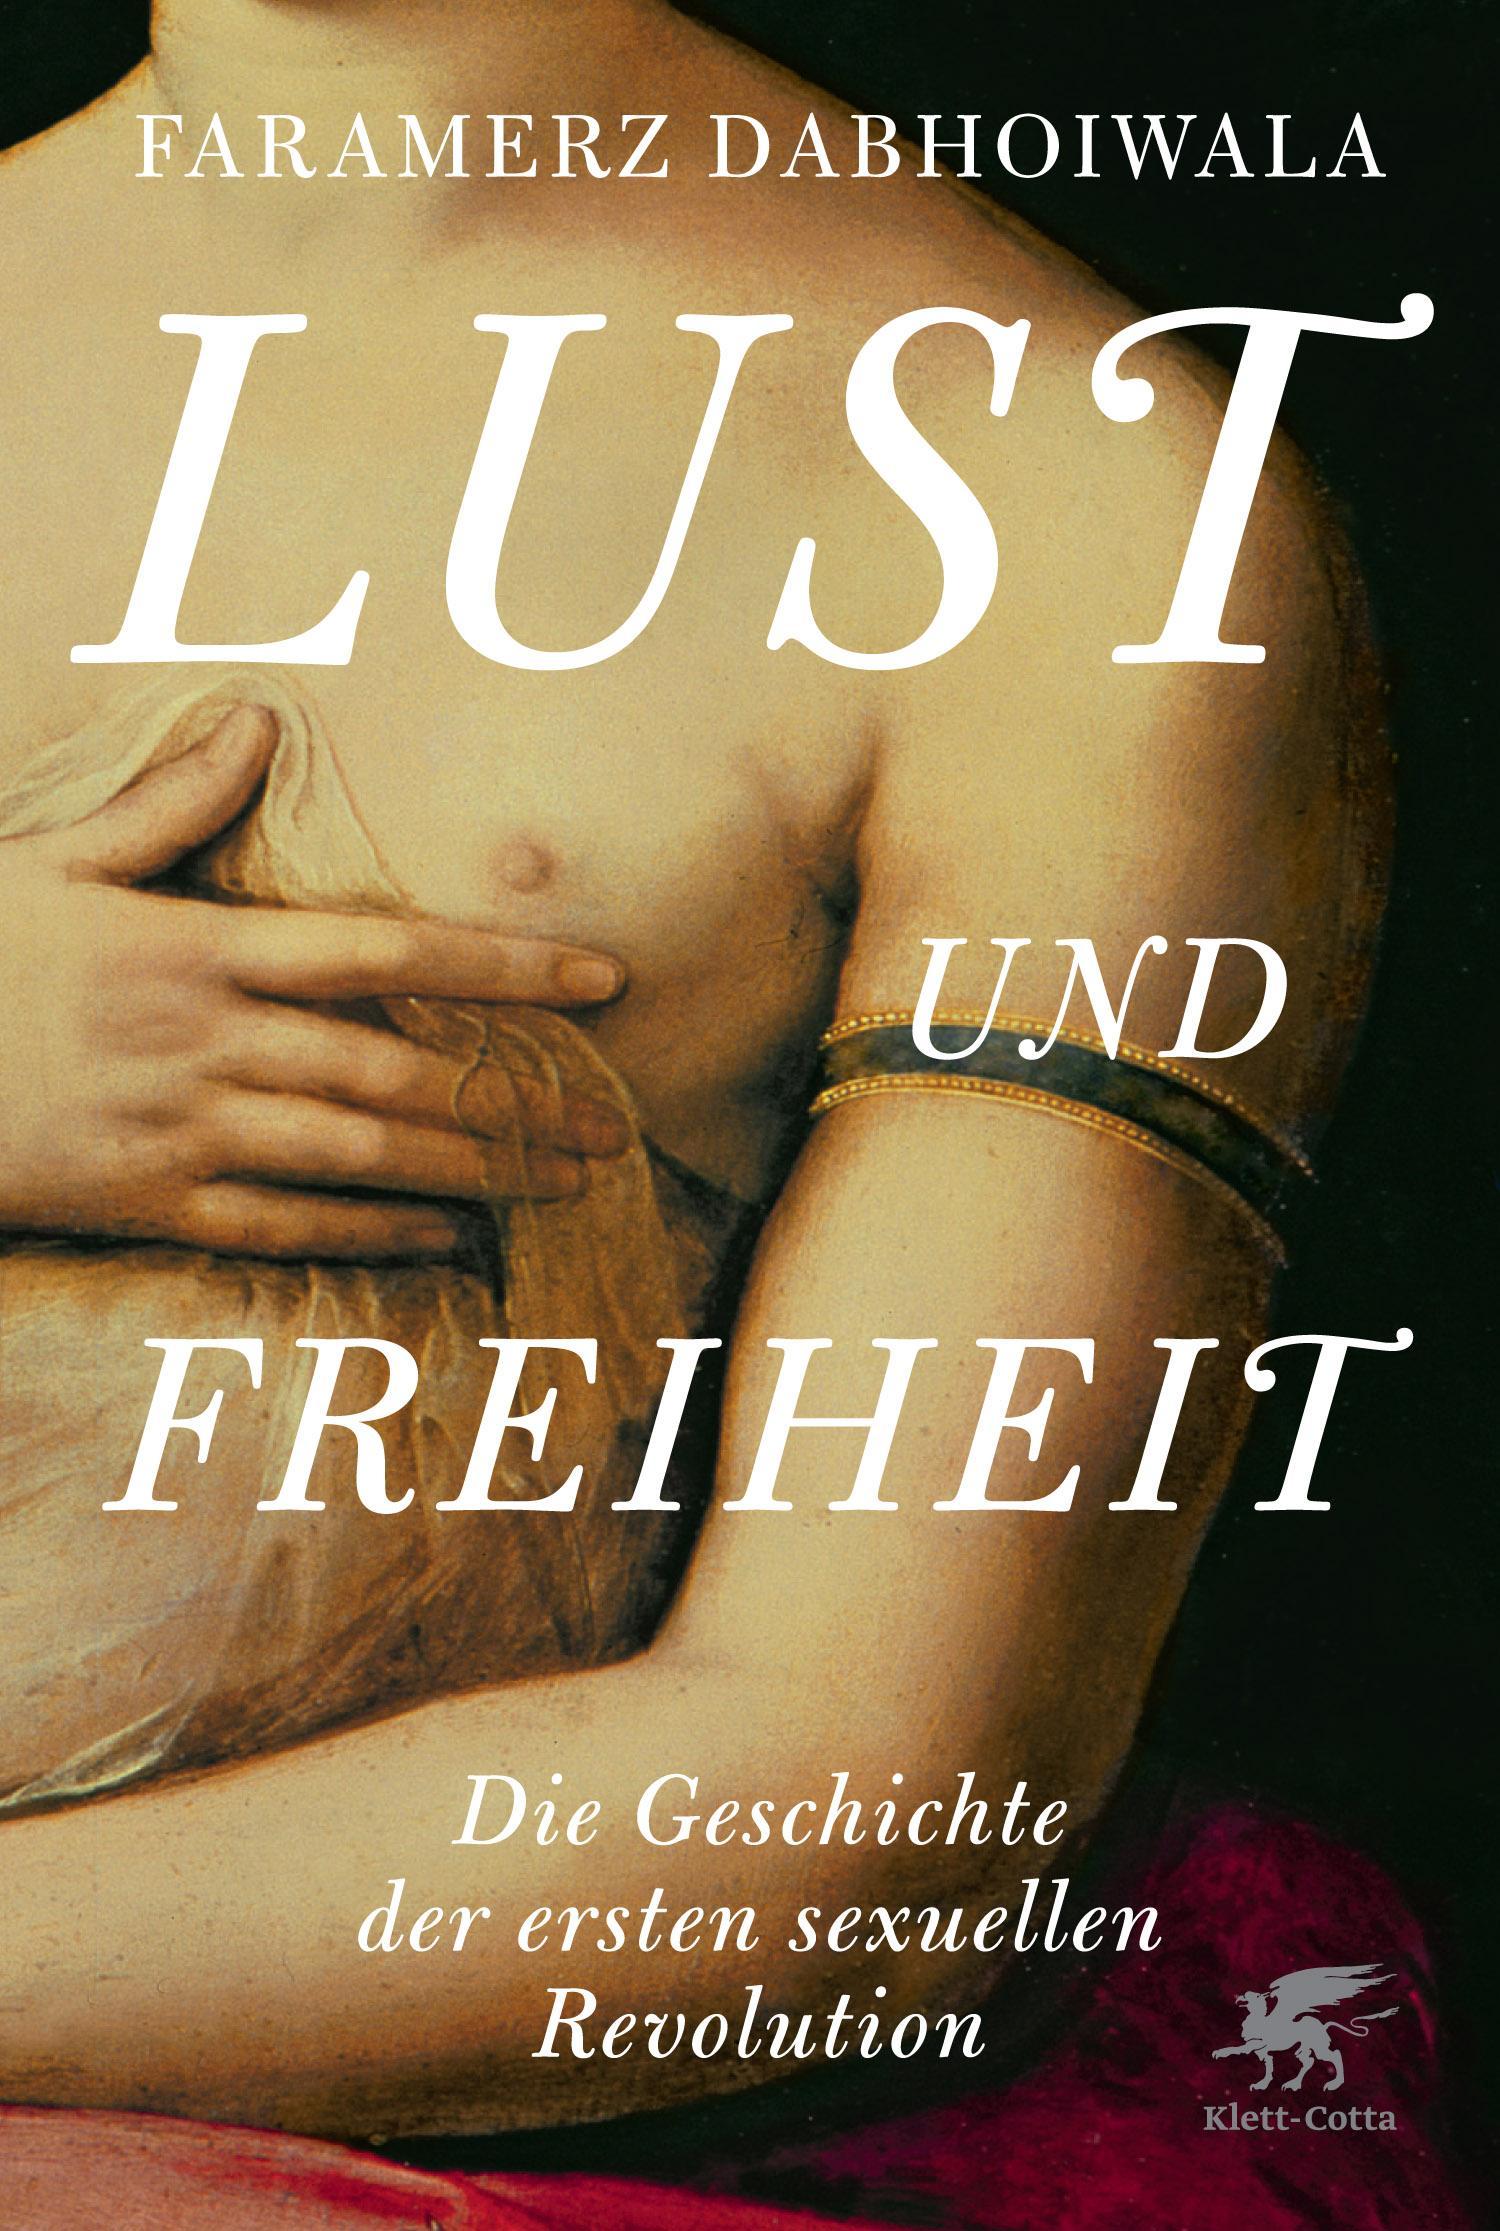 German hbk/ebook